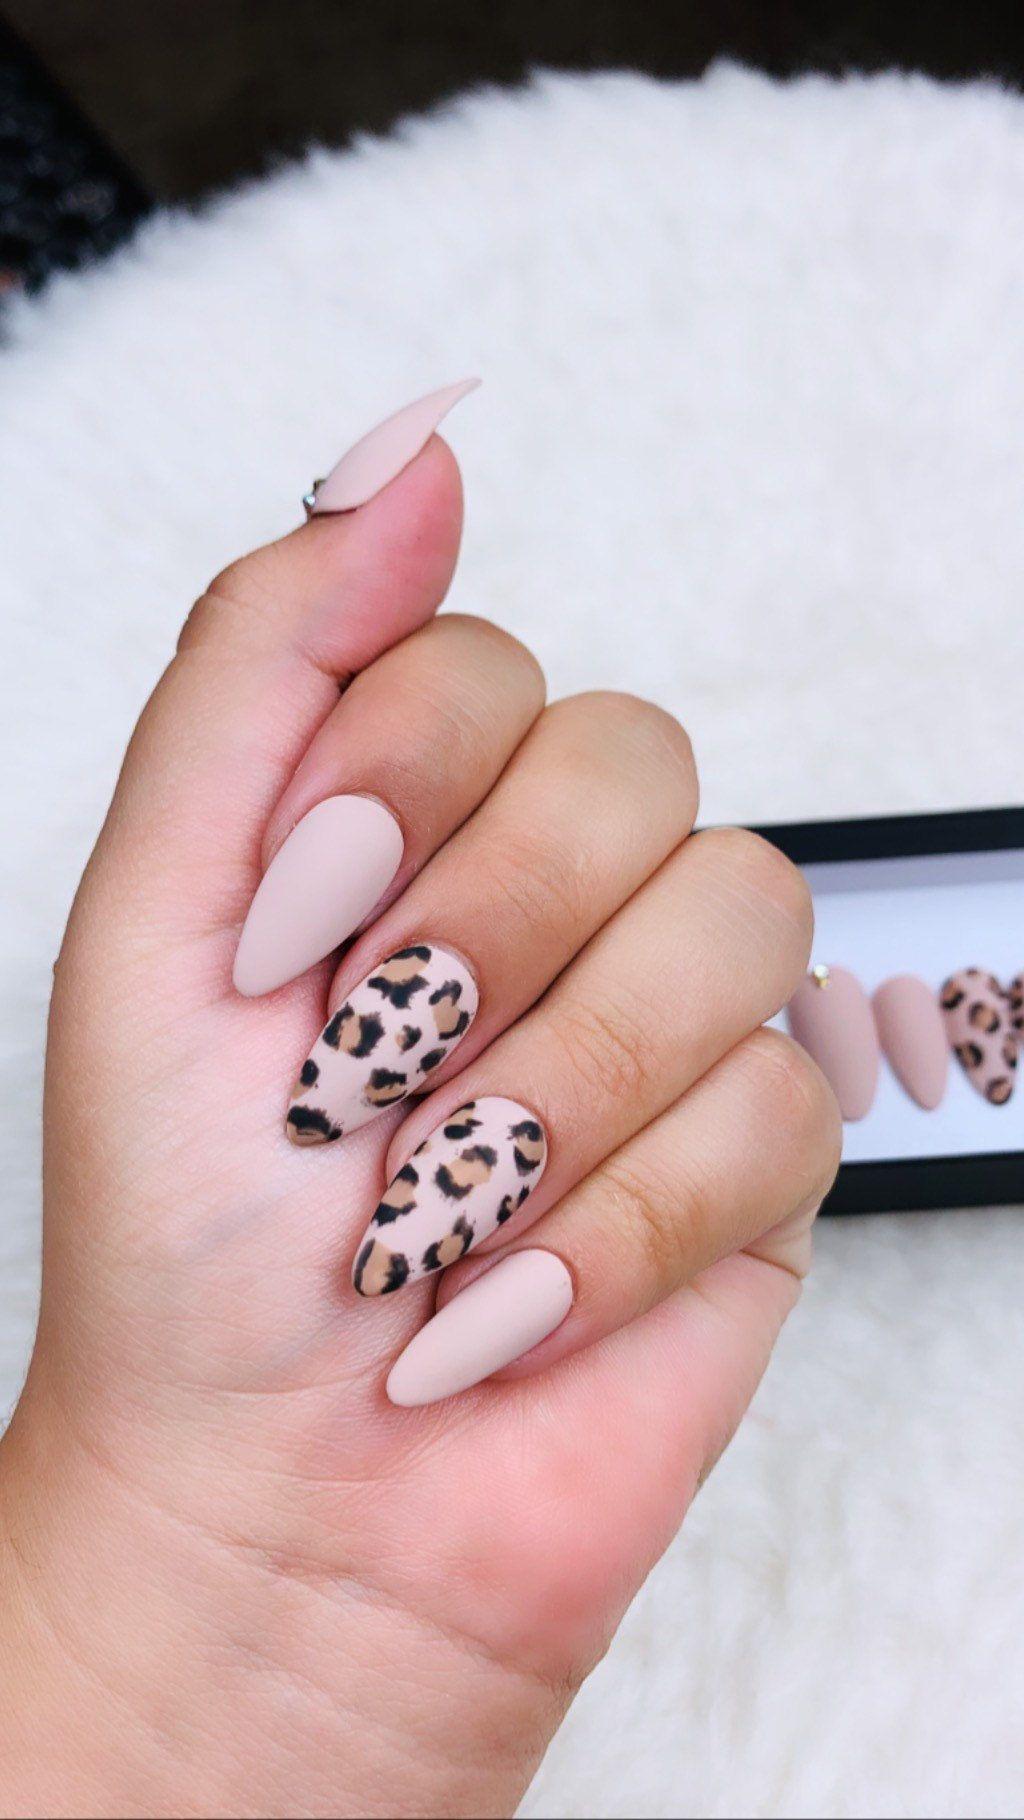 Classy Cheetah Press On Nails Cheetah Nails Brown Nails Fake Nails Beige Nails Coffin Nails Stiletto Nails In 2020 Beige Nails Cheetah Nails Brown Nails